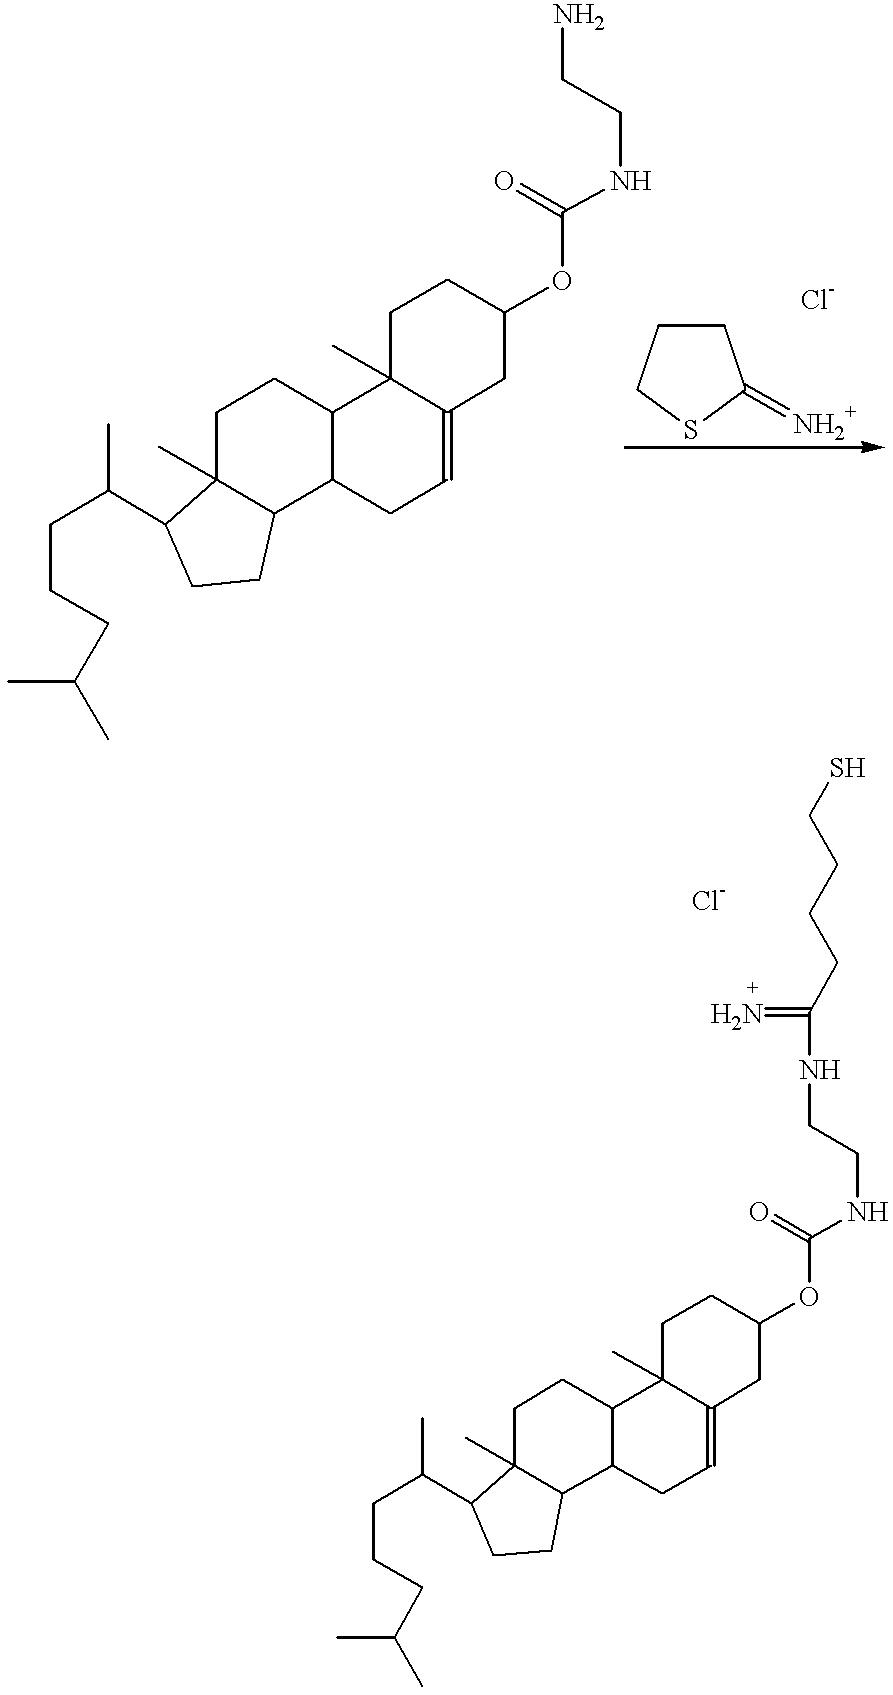 Figure US06379698-20020430-C00018